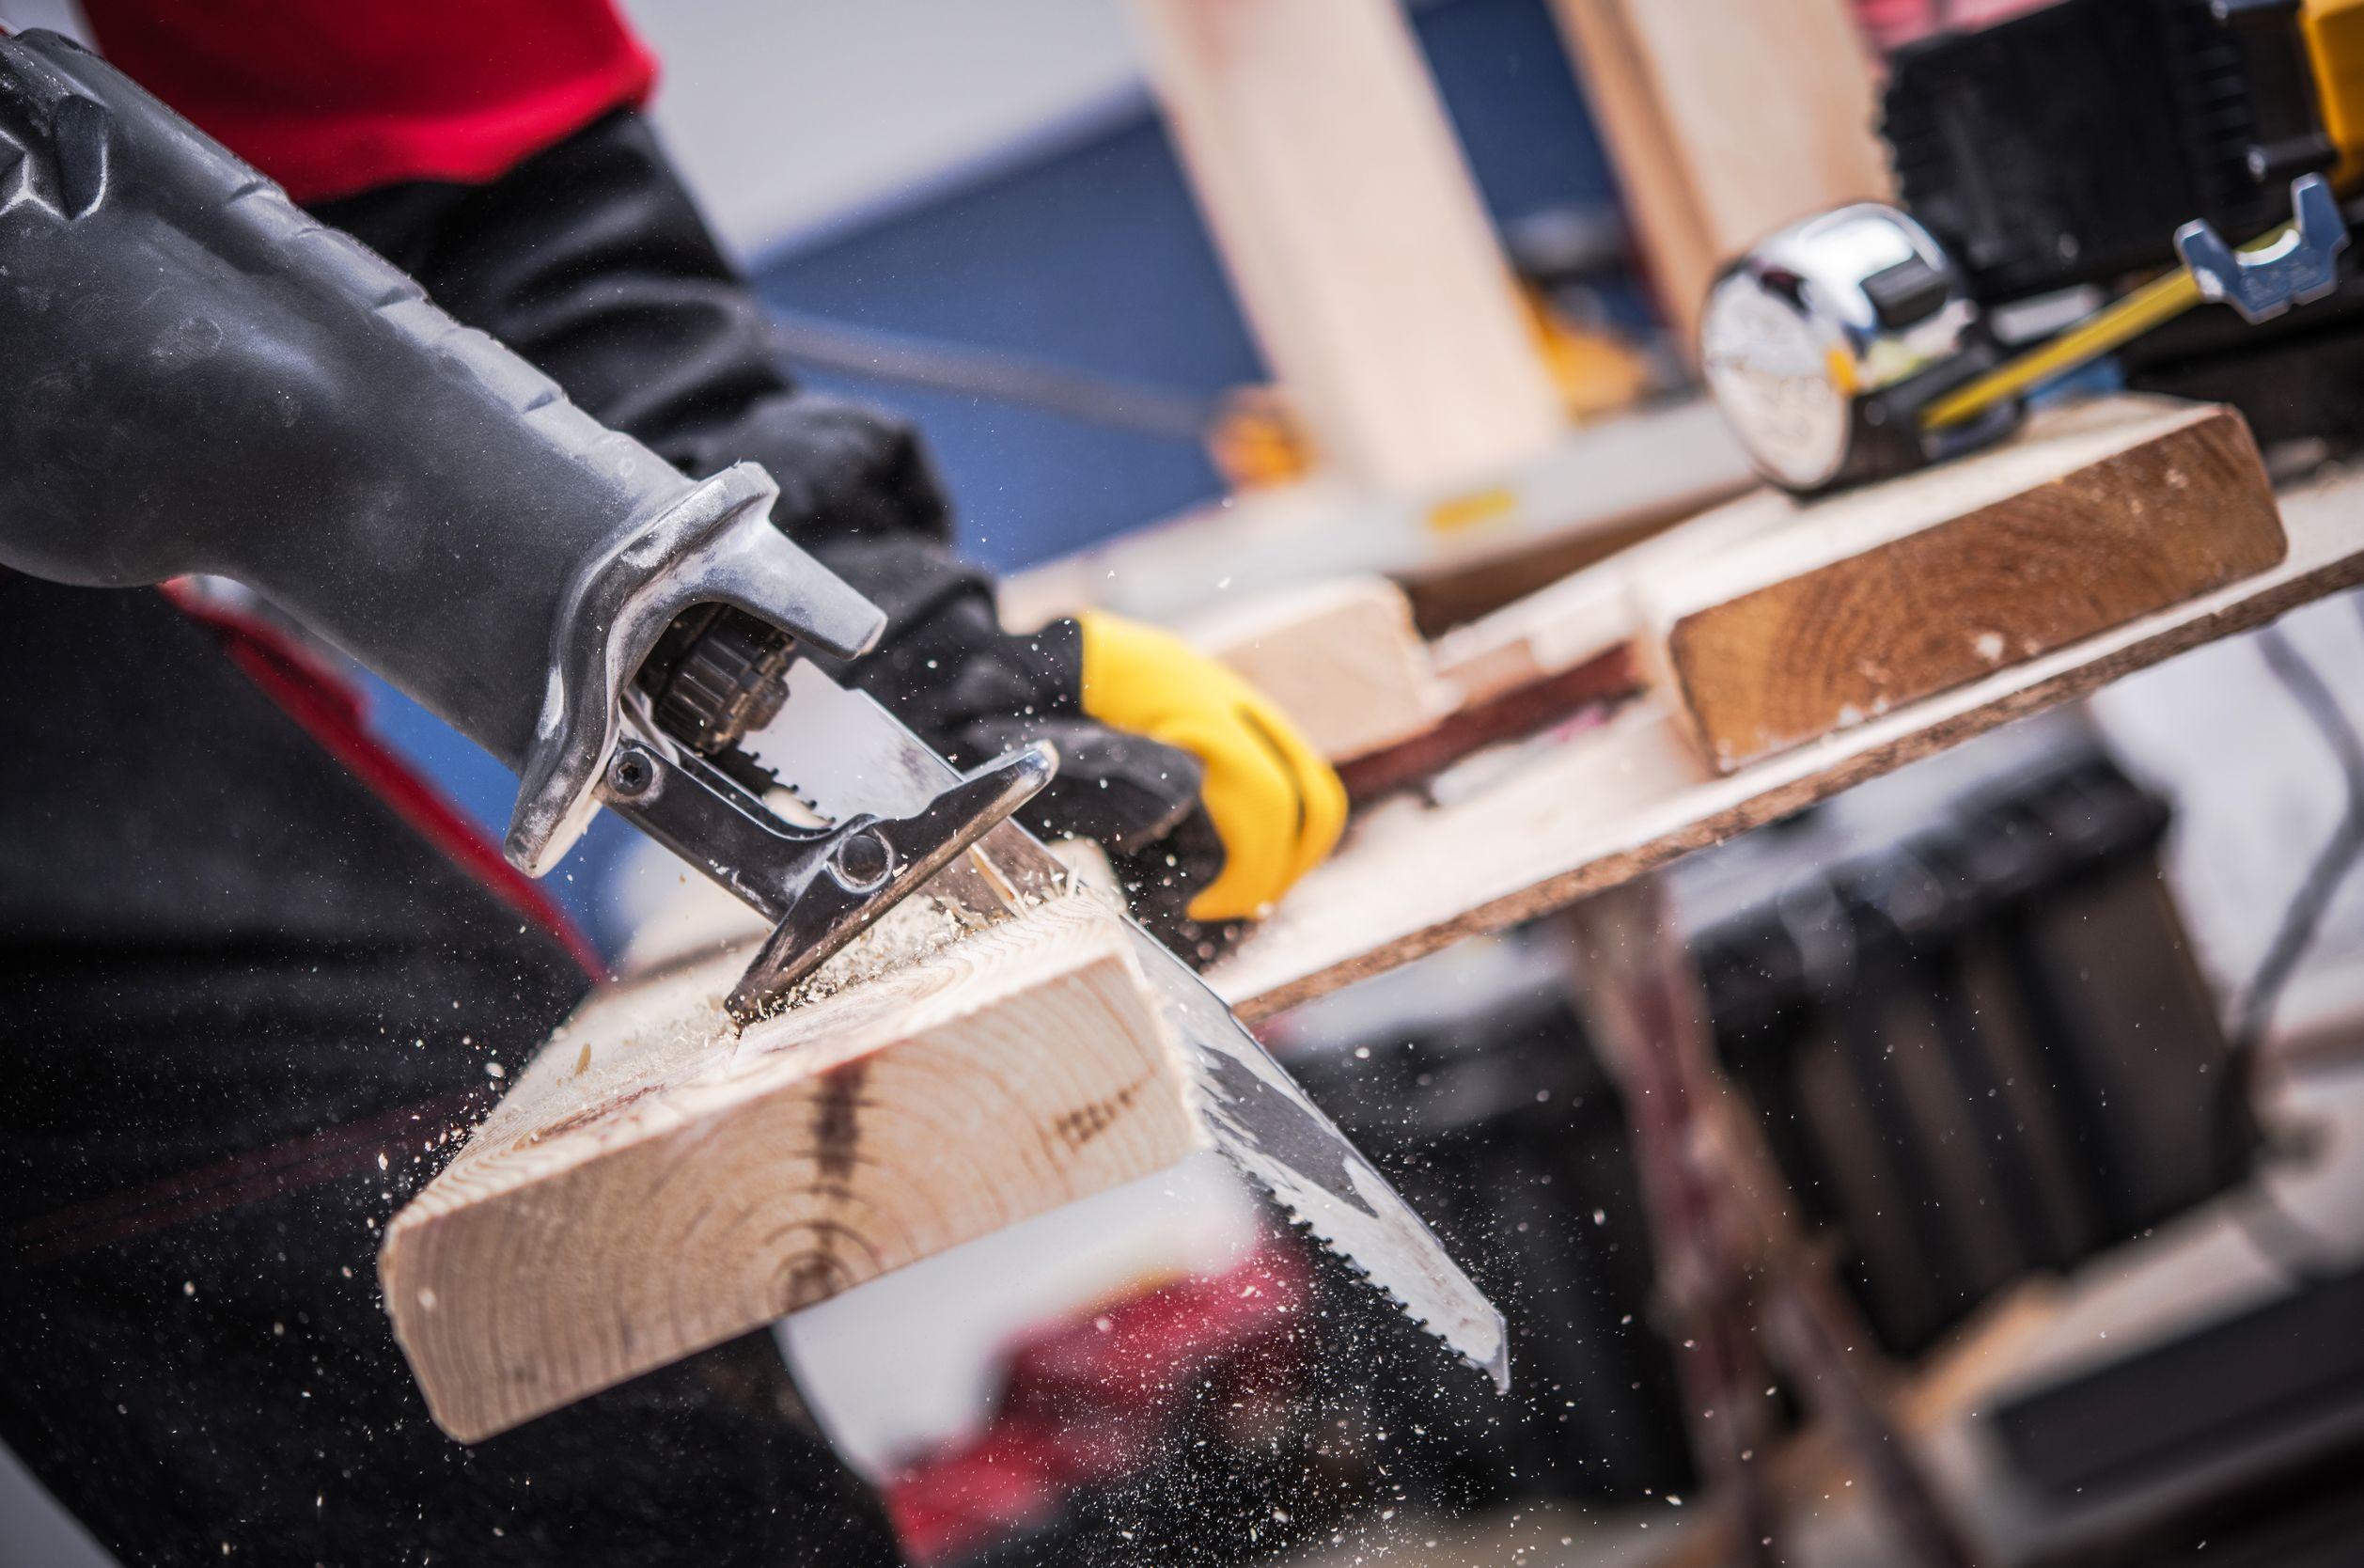 Imagem mostra uma serra sabre sendo usada para cortar um pedaço de madeira.